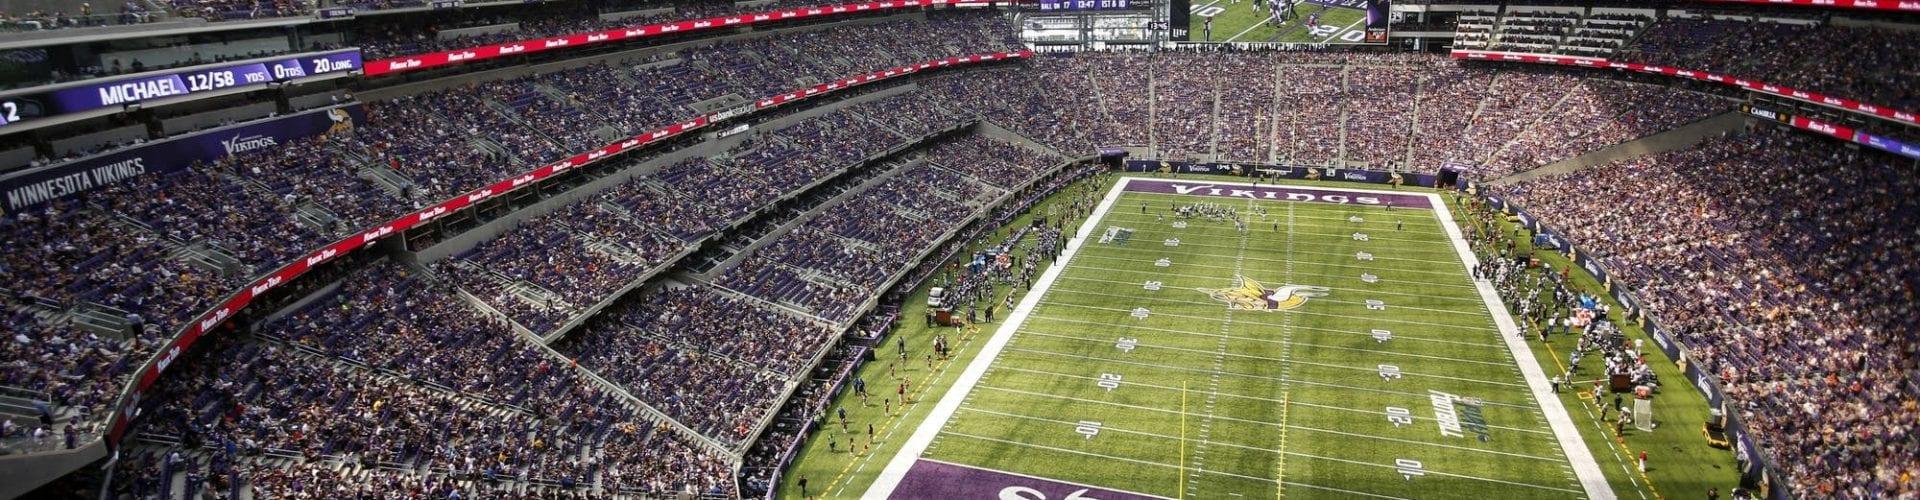 Super Bowl LII Secures Top Billing in Market Sales